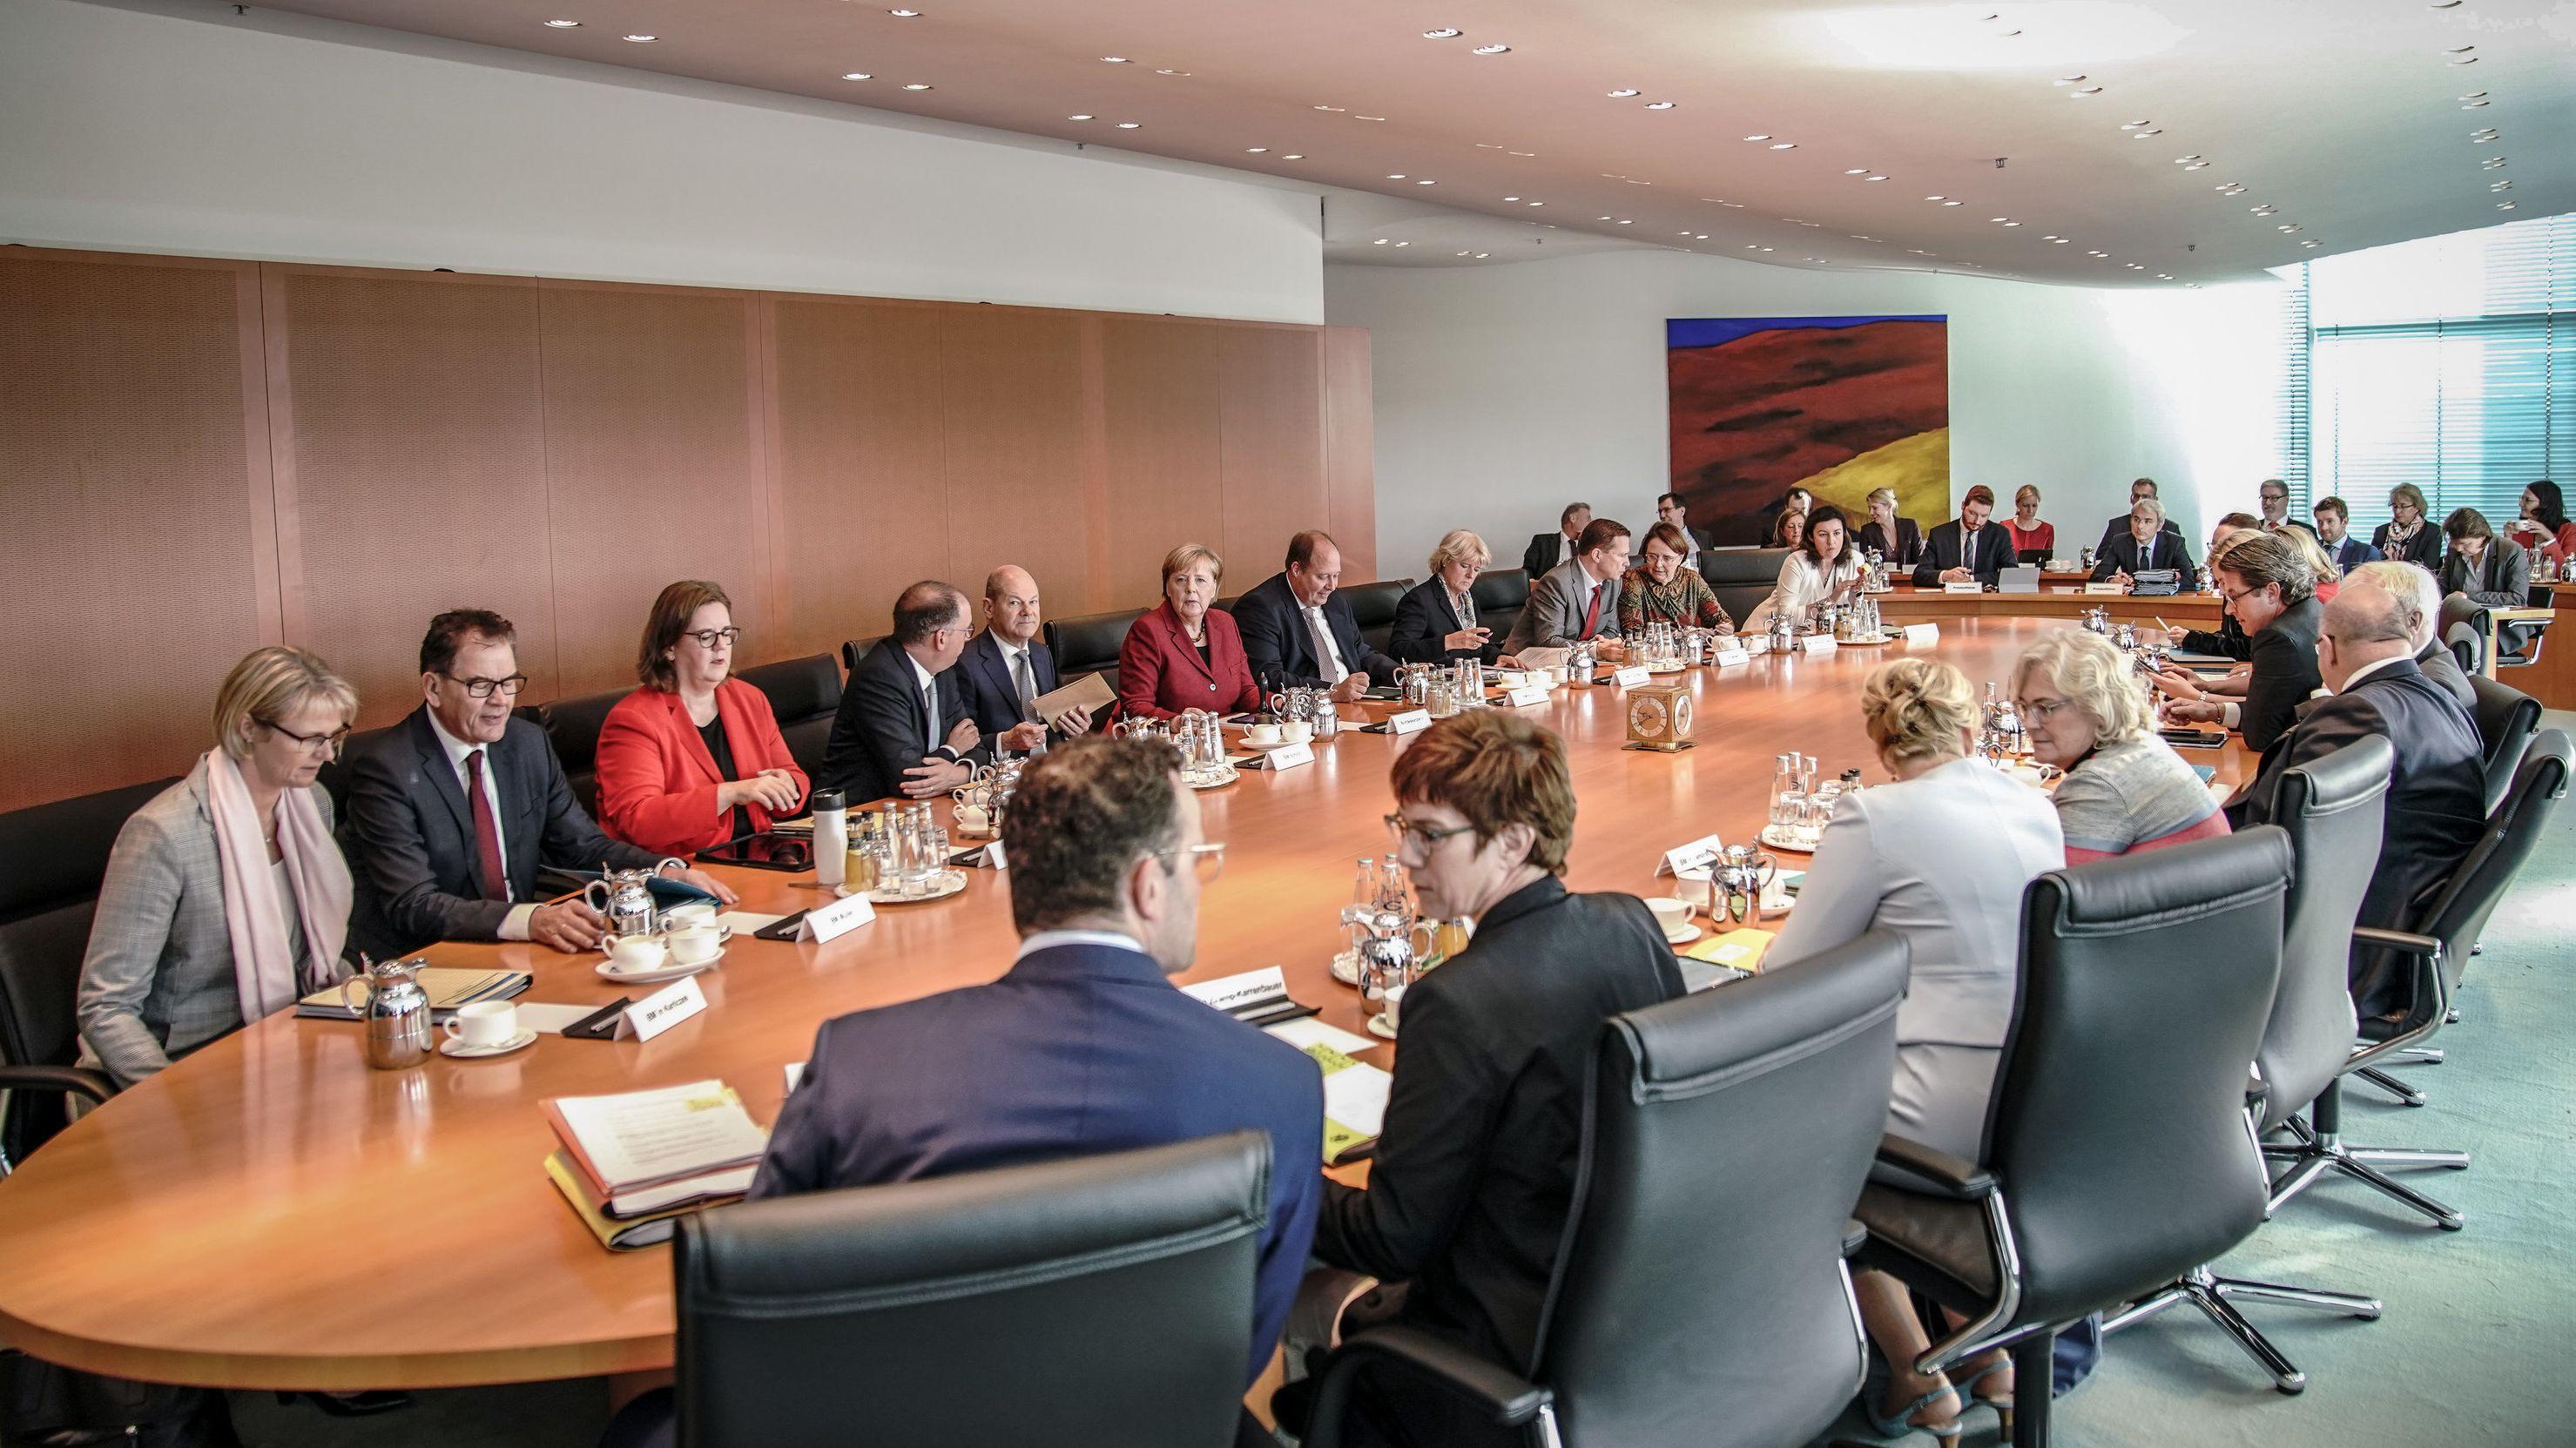 Nach dem Anschlag von Halle nimmt die Bundesregierung Hass im Netz stärker ins Visier. Nun wurden Maßnahmen im Kabinett beschlossen.